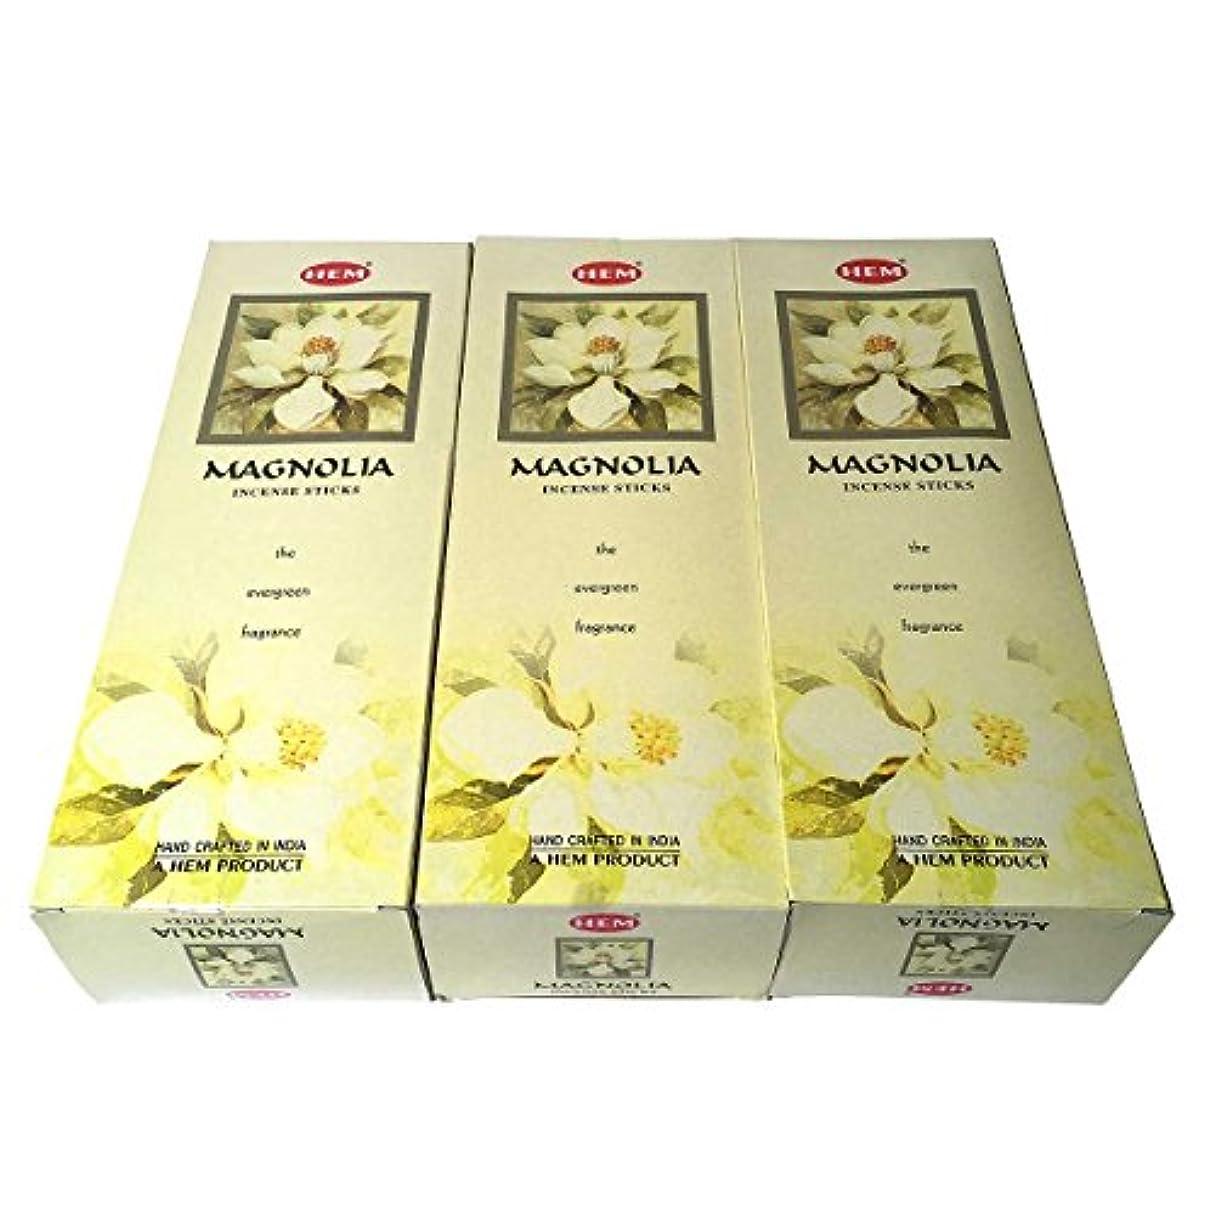 肉のハウス動機マグノリア香スティック 3BOX(18箱) /HEM MAGNOLIA/お香/インセンス/インド香 お香 [並行輸入品]